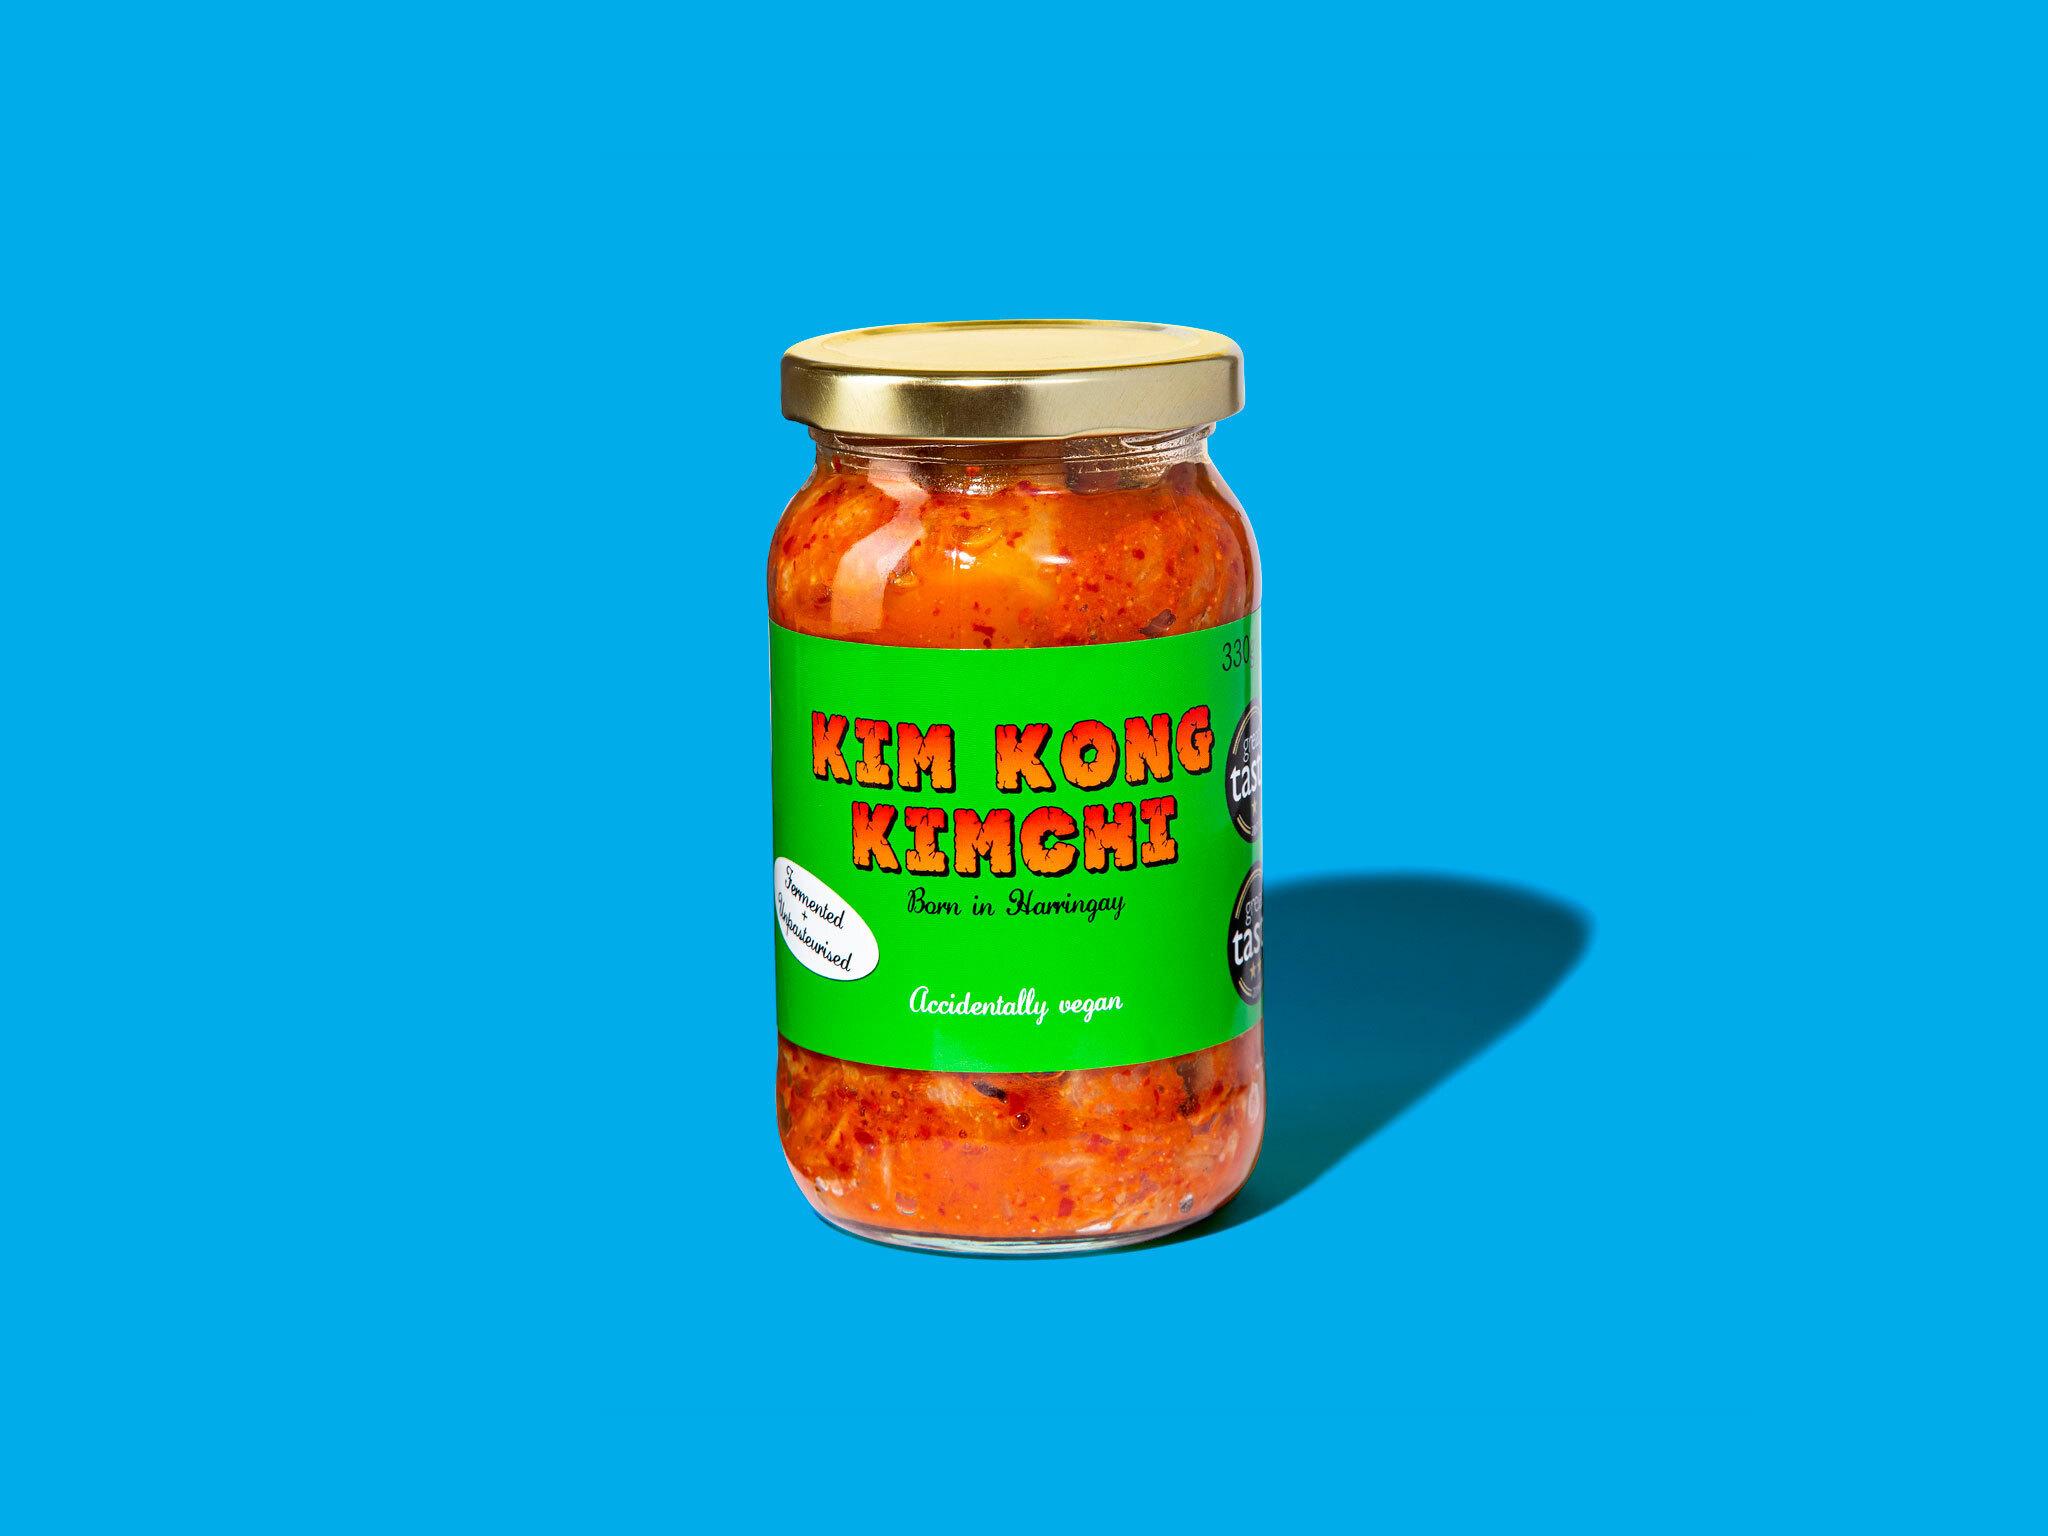 King Kong Kimchi